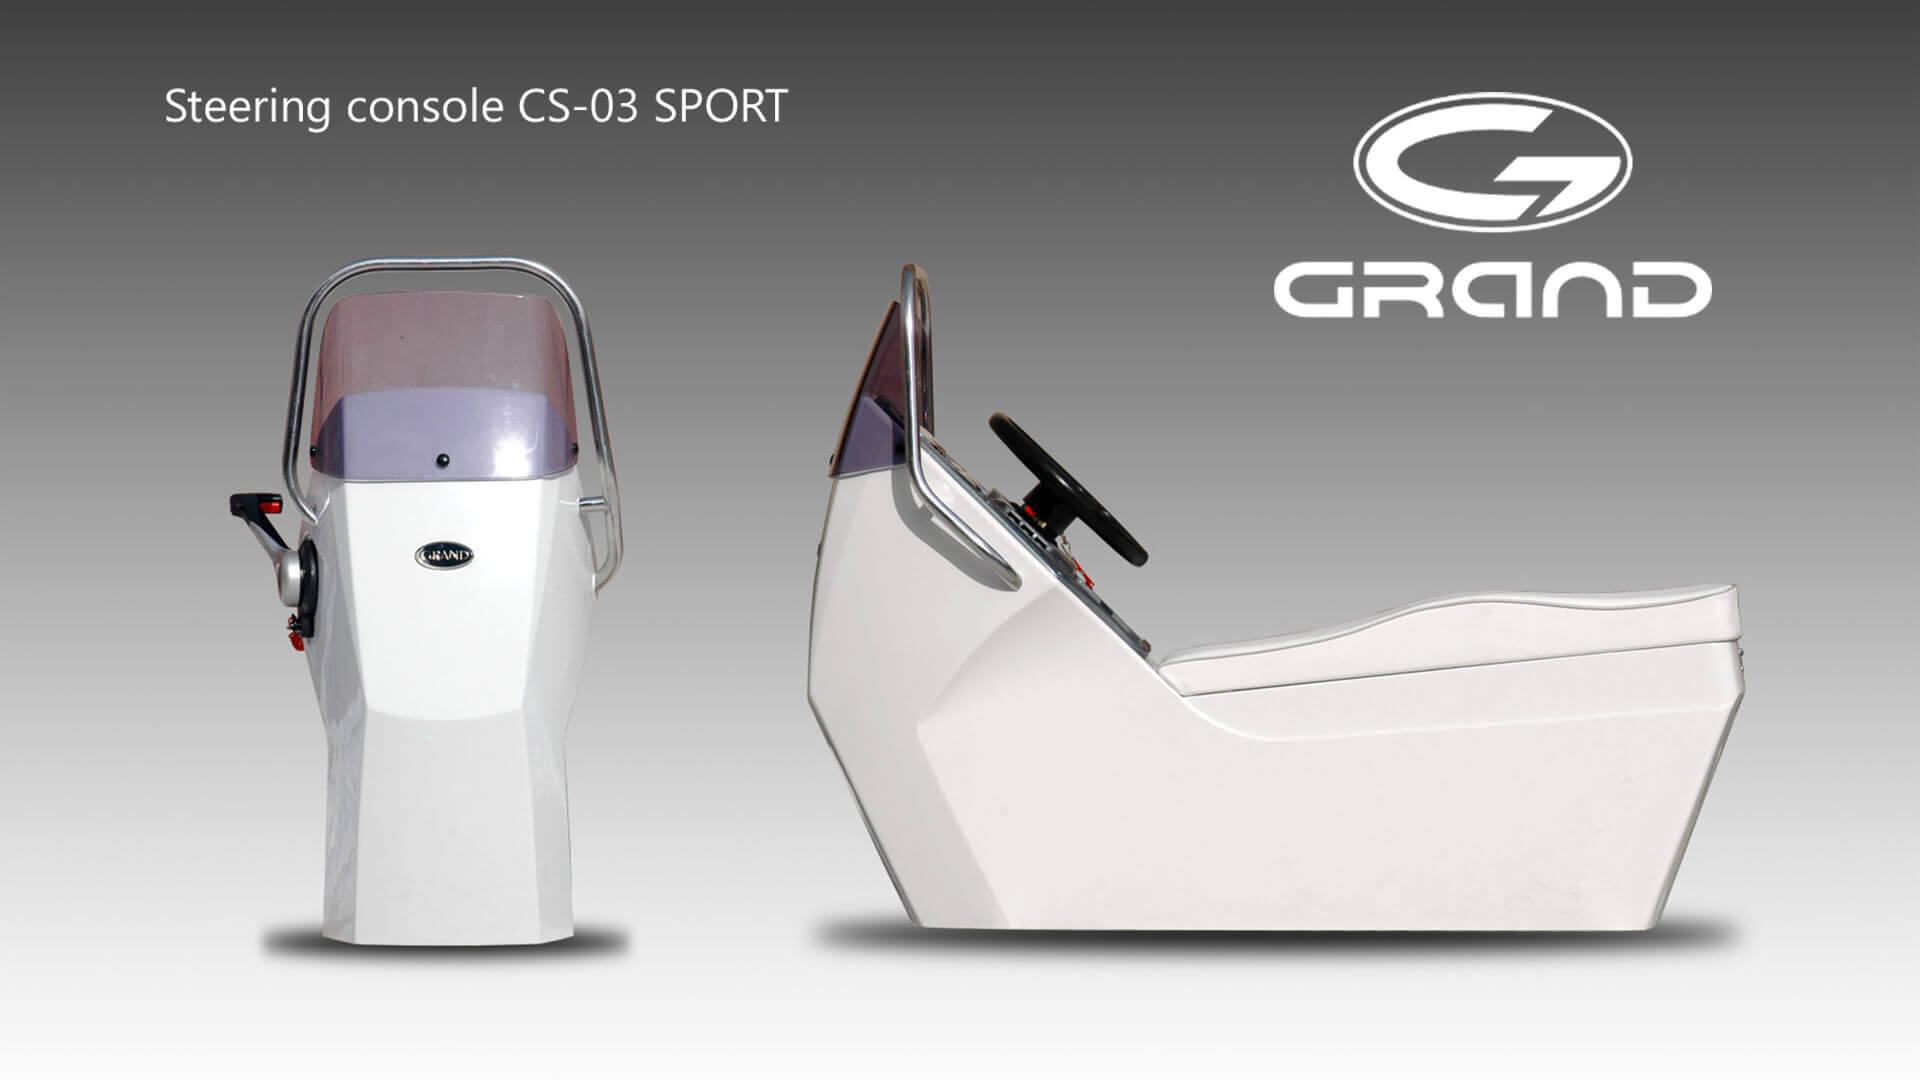 Надувная лодка с жестким дном GRAND Silver Line S420NS, Надувная лодка GRAND Silver Line S420NS, GRAND Silver Line S420NS, GRAND Silver Line S420NSF, GRAND S420NS, GRAND S420NSF, GRAND S420, Надувная лодка GRAND, Надувная лодка ГРАНД, Надувная лодка с жестким дном, RIB, Rigid Inflatable Boats, CS-03, рулевая консоль, CS03, рулевая консоль